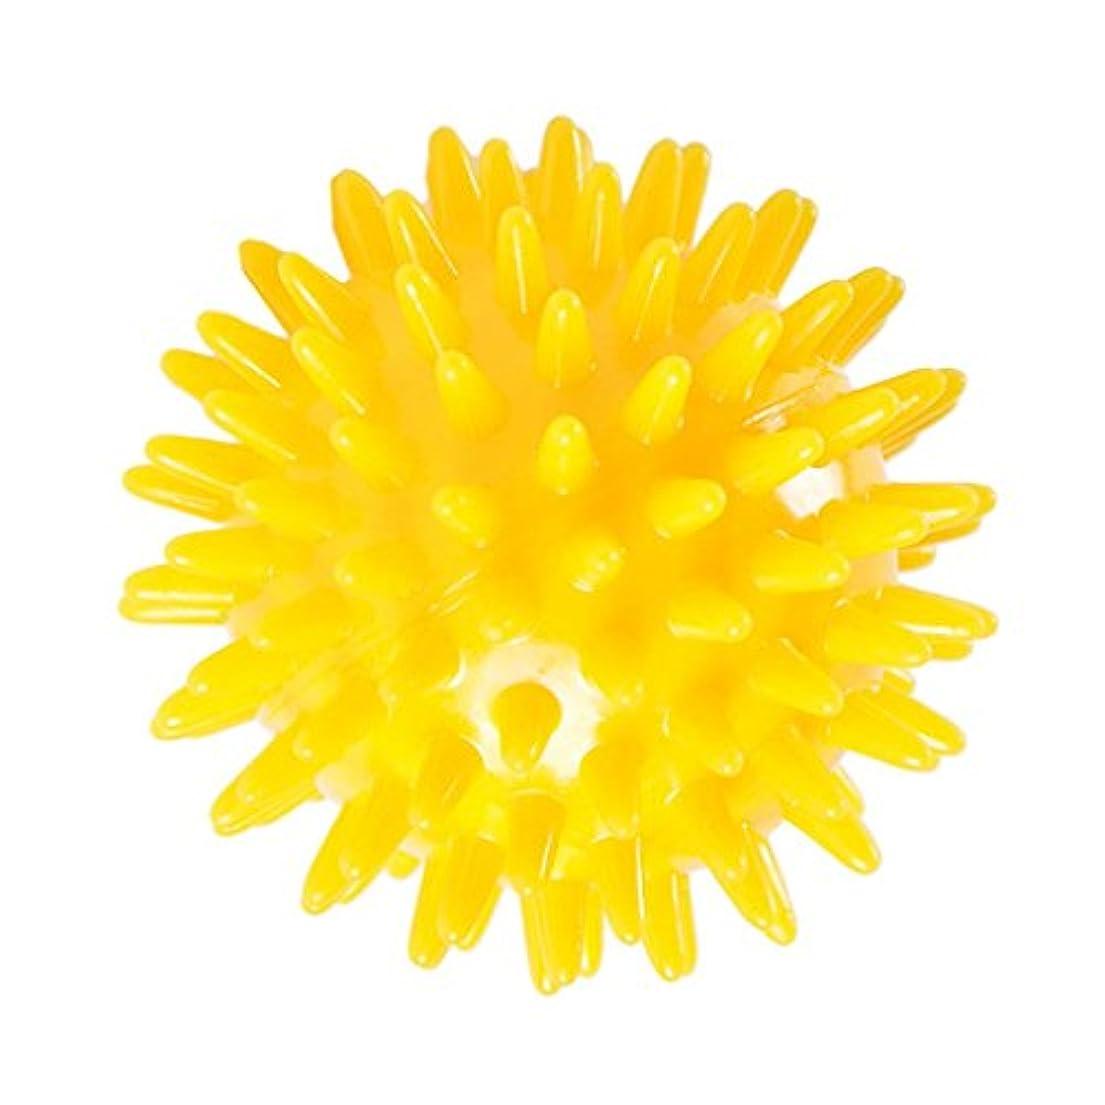 拒絶選択する最大限Kesoto マッサージボール スパイクマッサージボール トリガーポイントリリース ハンドエクササイズ ストレスリリーフ 3サイズ選べる - 6cm